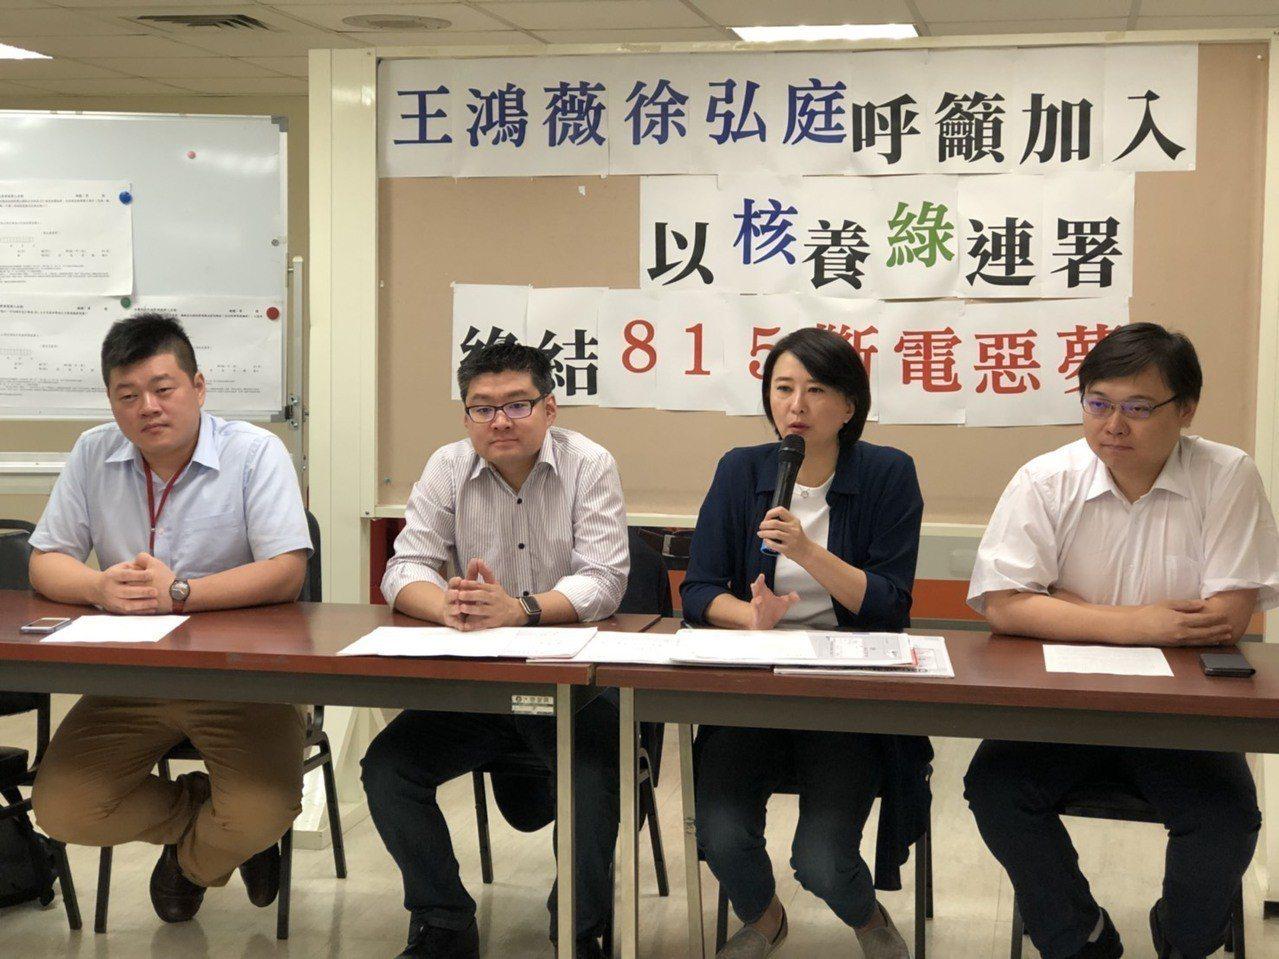 為了推動「以核養綠」公投,國民黨台北市議員王鴻薇與徐弘庭也在服務處設置連署站,即...